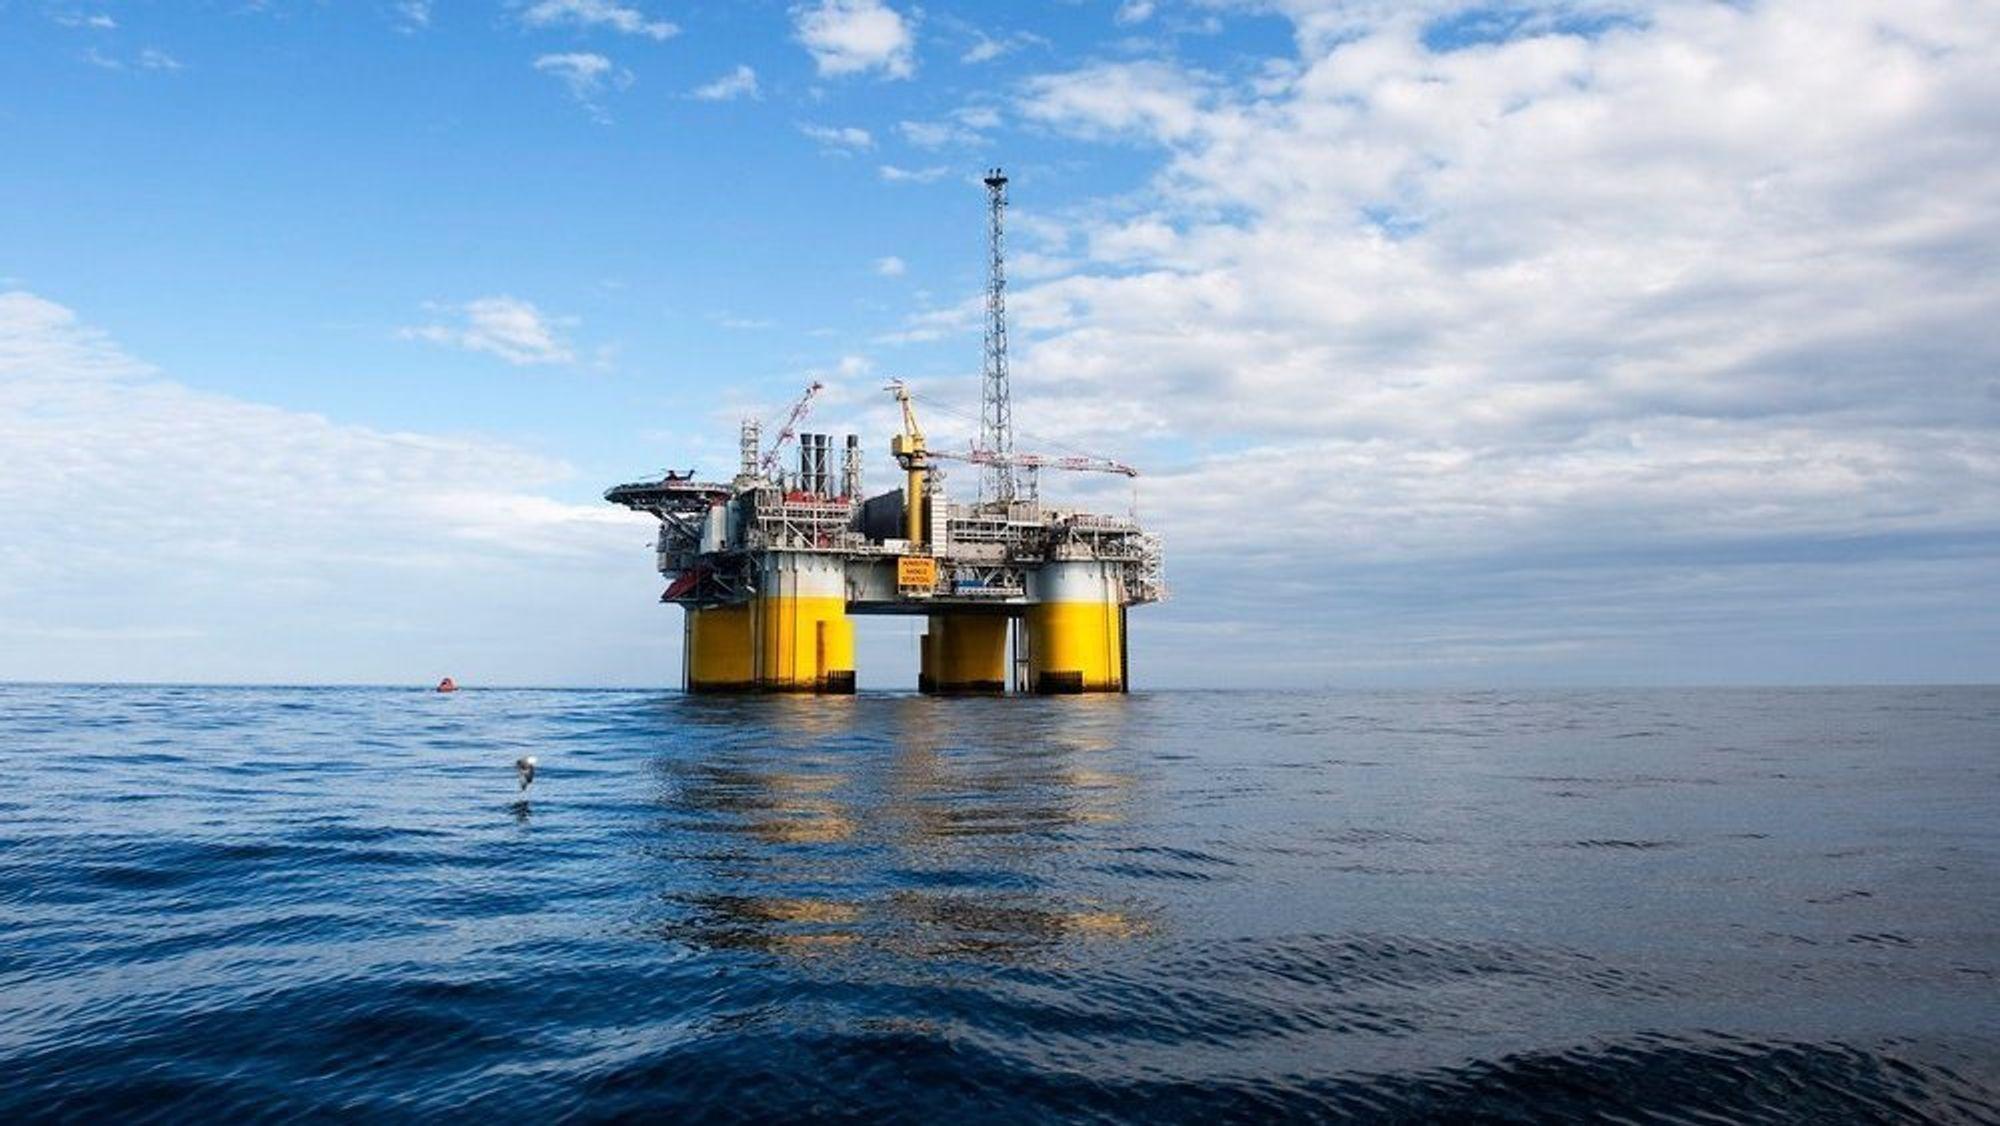 Tre av fire oljefelt på norsk sokkel produserer mindre enn prognosene. Bildet viser Kristin-plattformen, en av plattformene Maria-feltet i Norskehavet er knyttet opp mot.